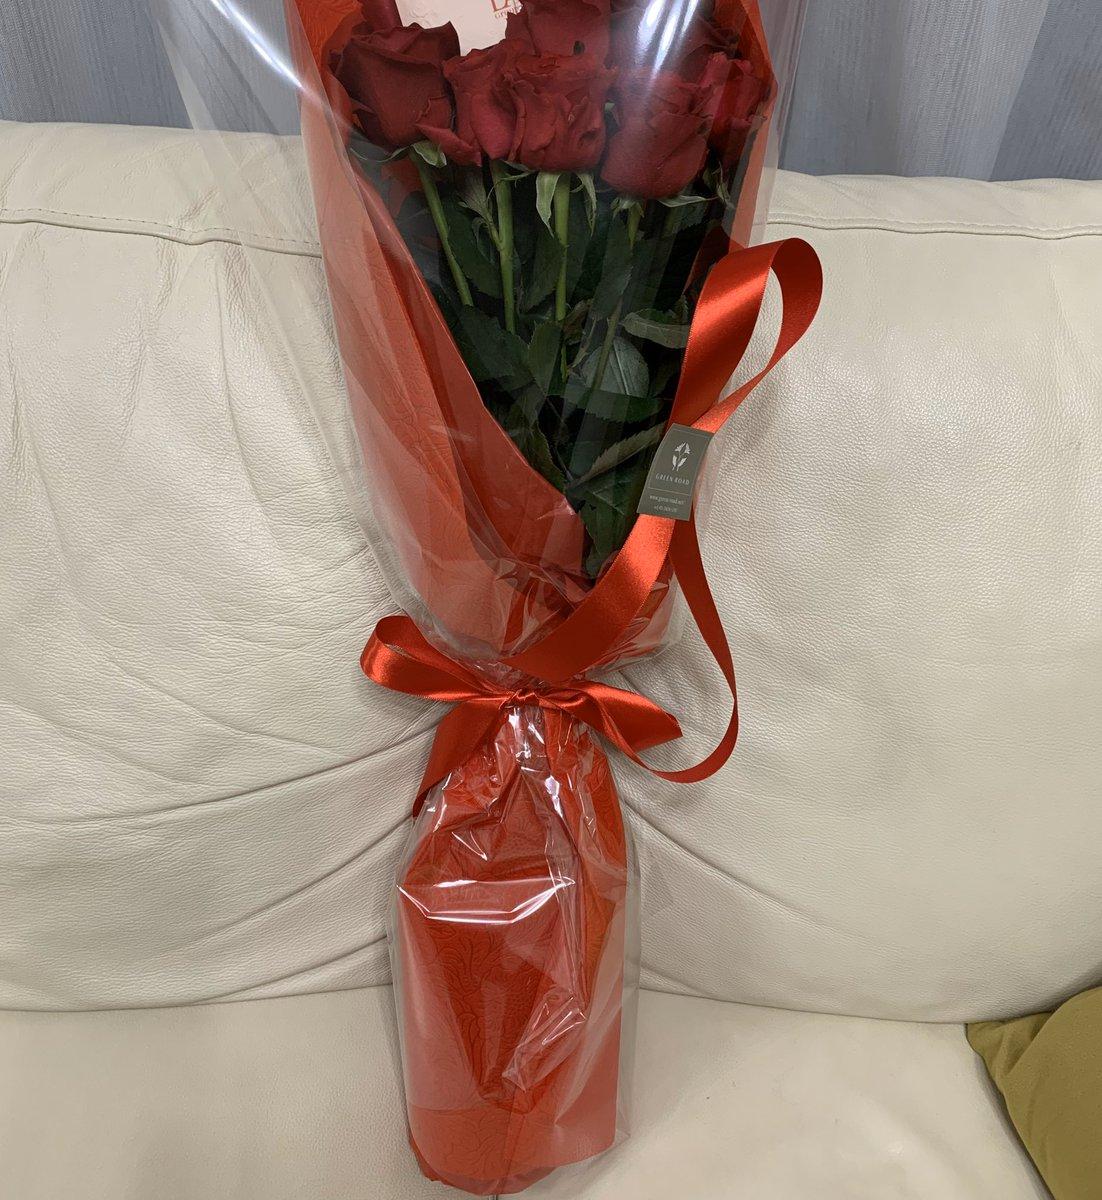 妻の会社から毎年結婚記念日(に近い休日)に花束が届く。ありがたや〜。明日で丸7年。いつも支えたり蹴飛ばしたり(?)してくれる妻に感謝😊